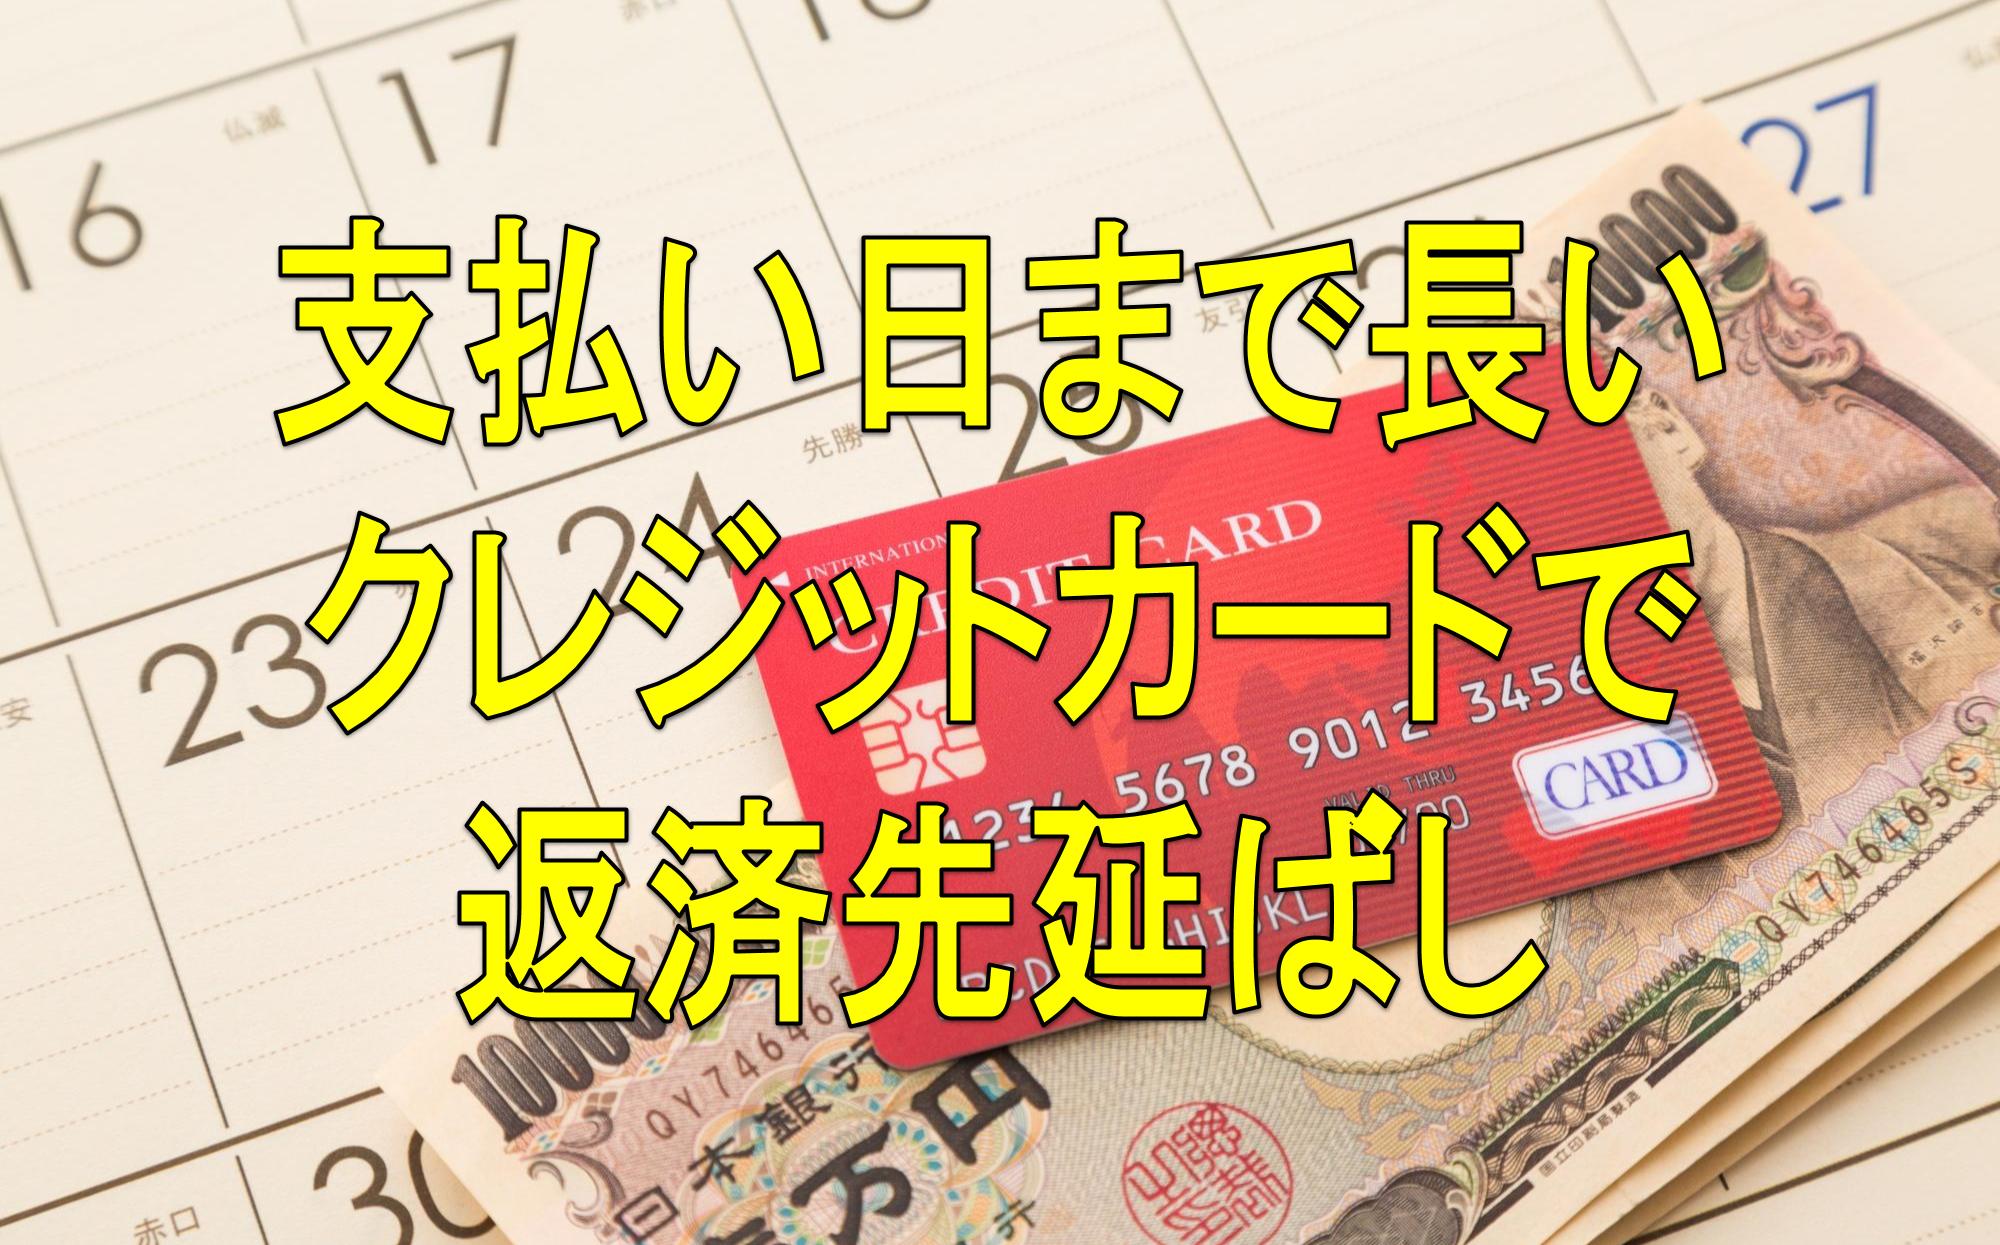 支払い日まで猶予の長いクレジットカードで返済を先延ばし